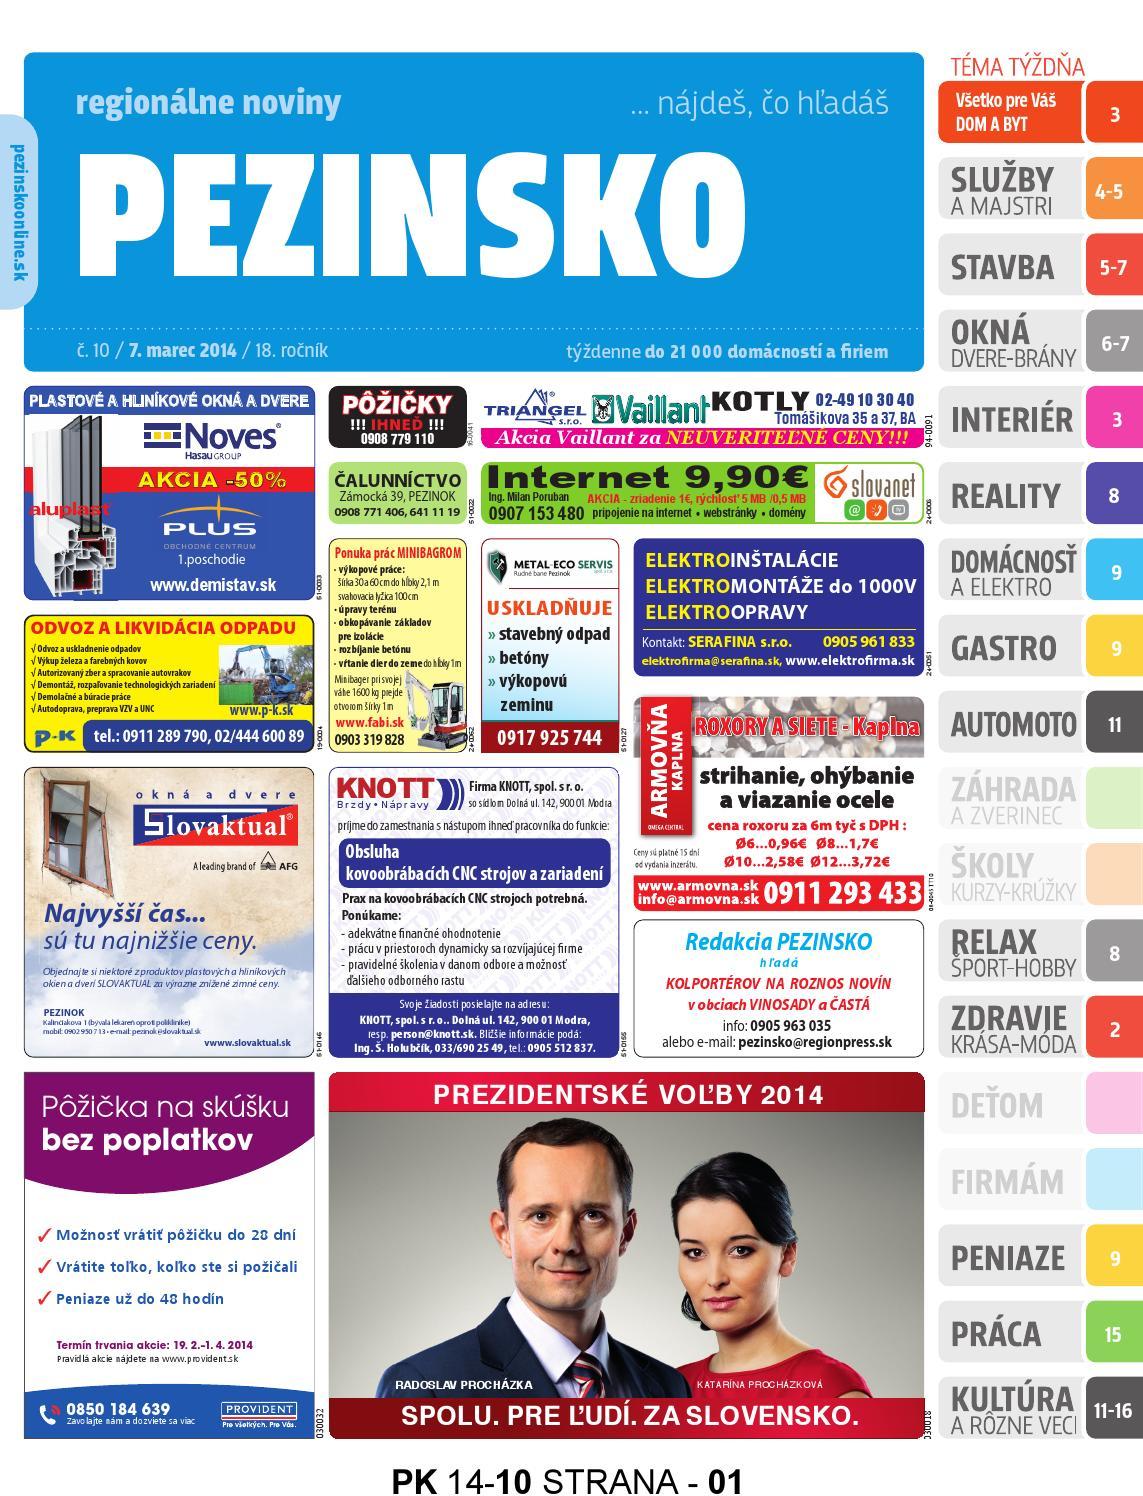 Odessa datovania podvody